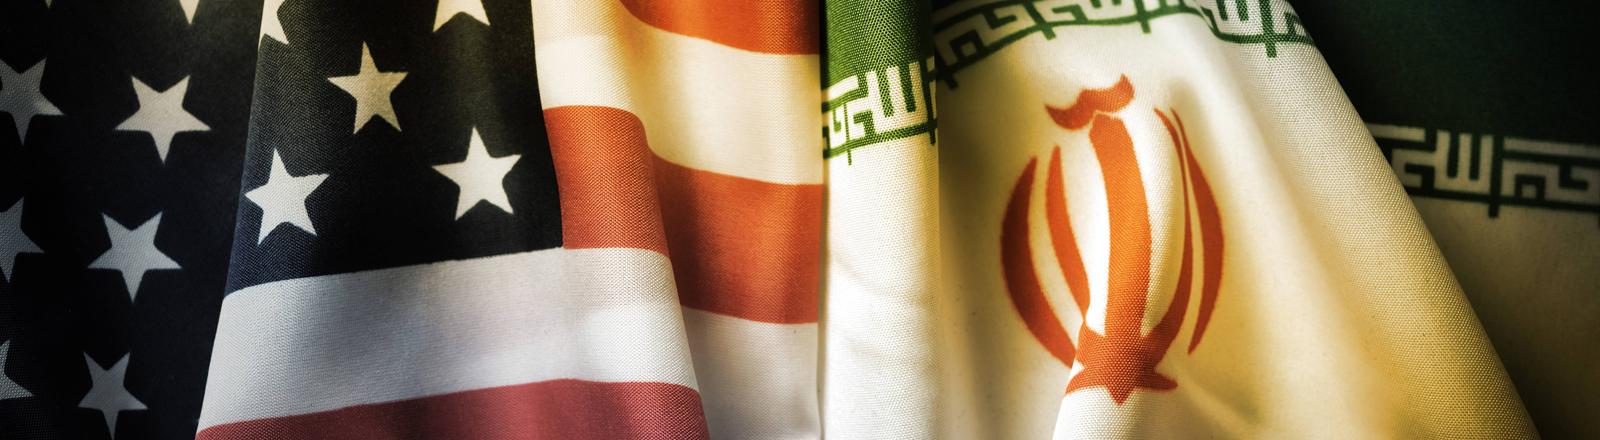 Collage aus US-amerikanischer und iranischer Flagge